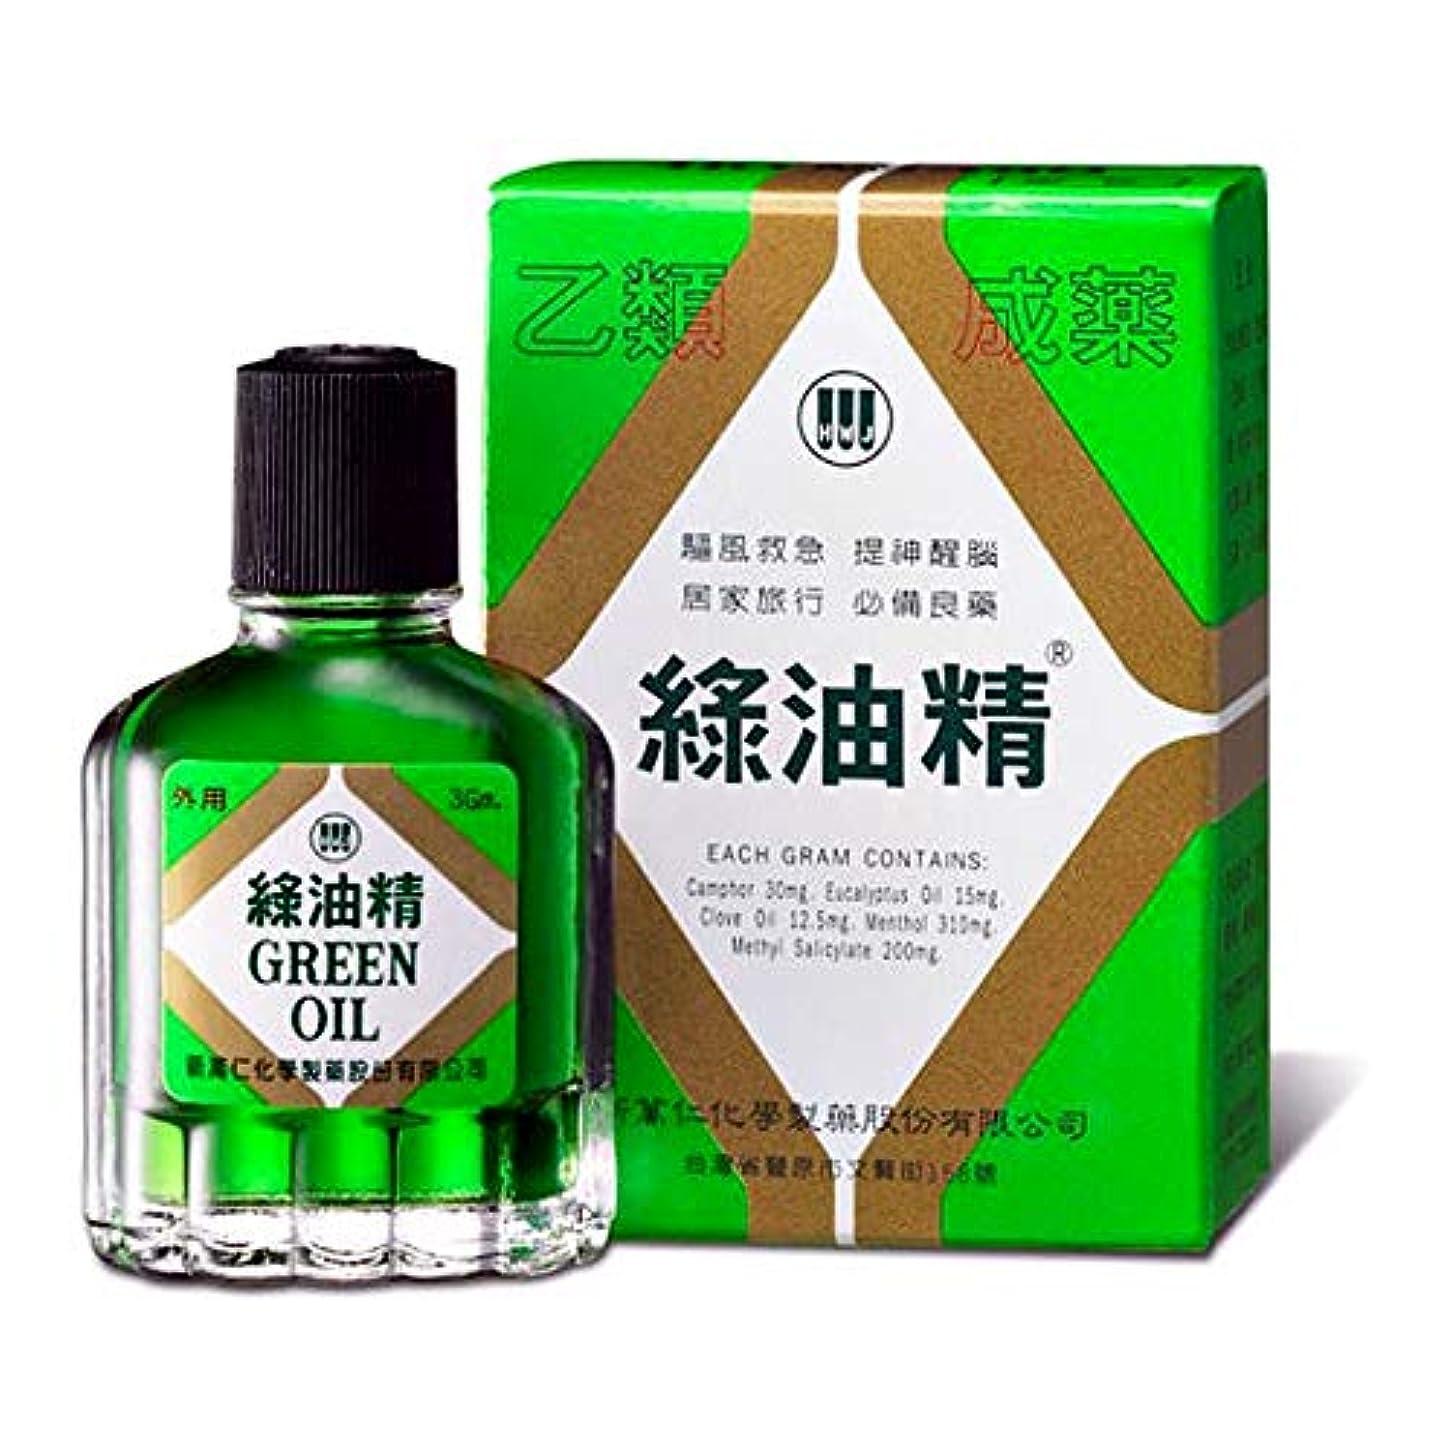 解決エラー冷笑する《新萬仁》台湾の万能グリーンオイル 緑油精 3g 《台湾 お土産》 [並行輸入品]